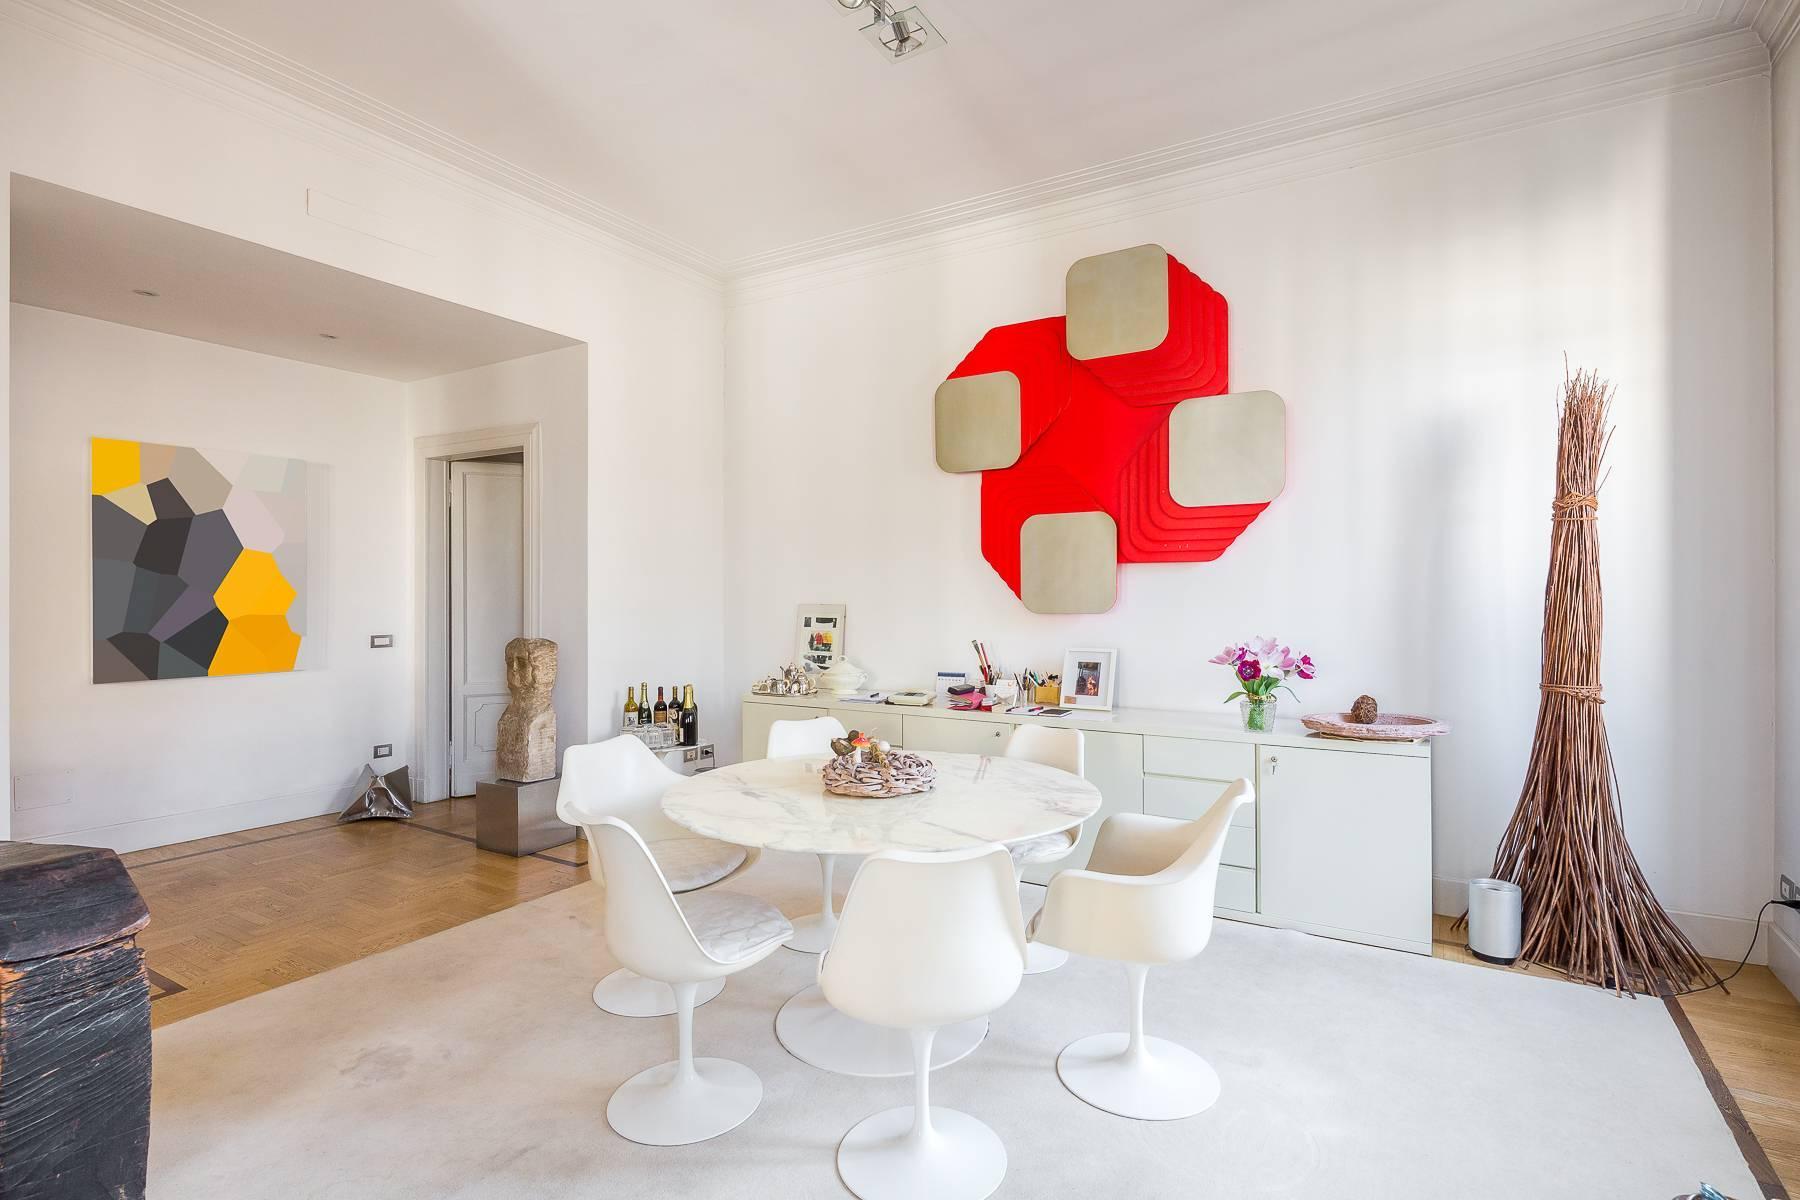 Appartamento esclusivo di 200 mq in nuda proprietà in un palazzo d'epoca - 22